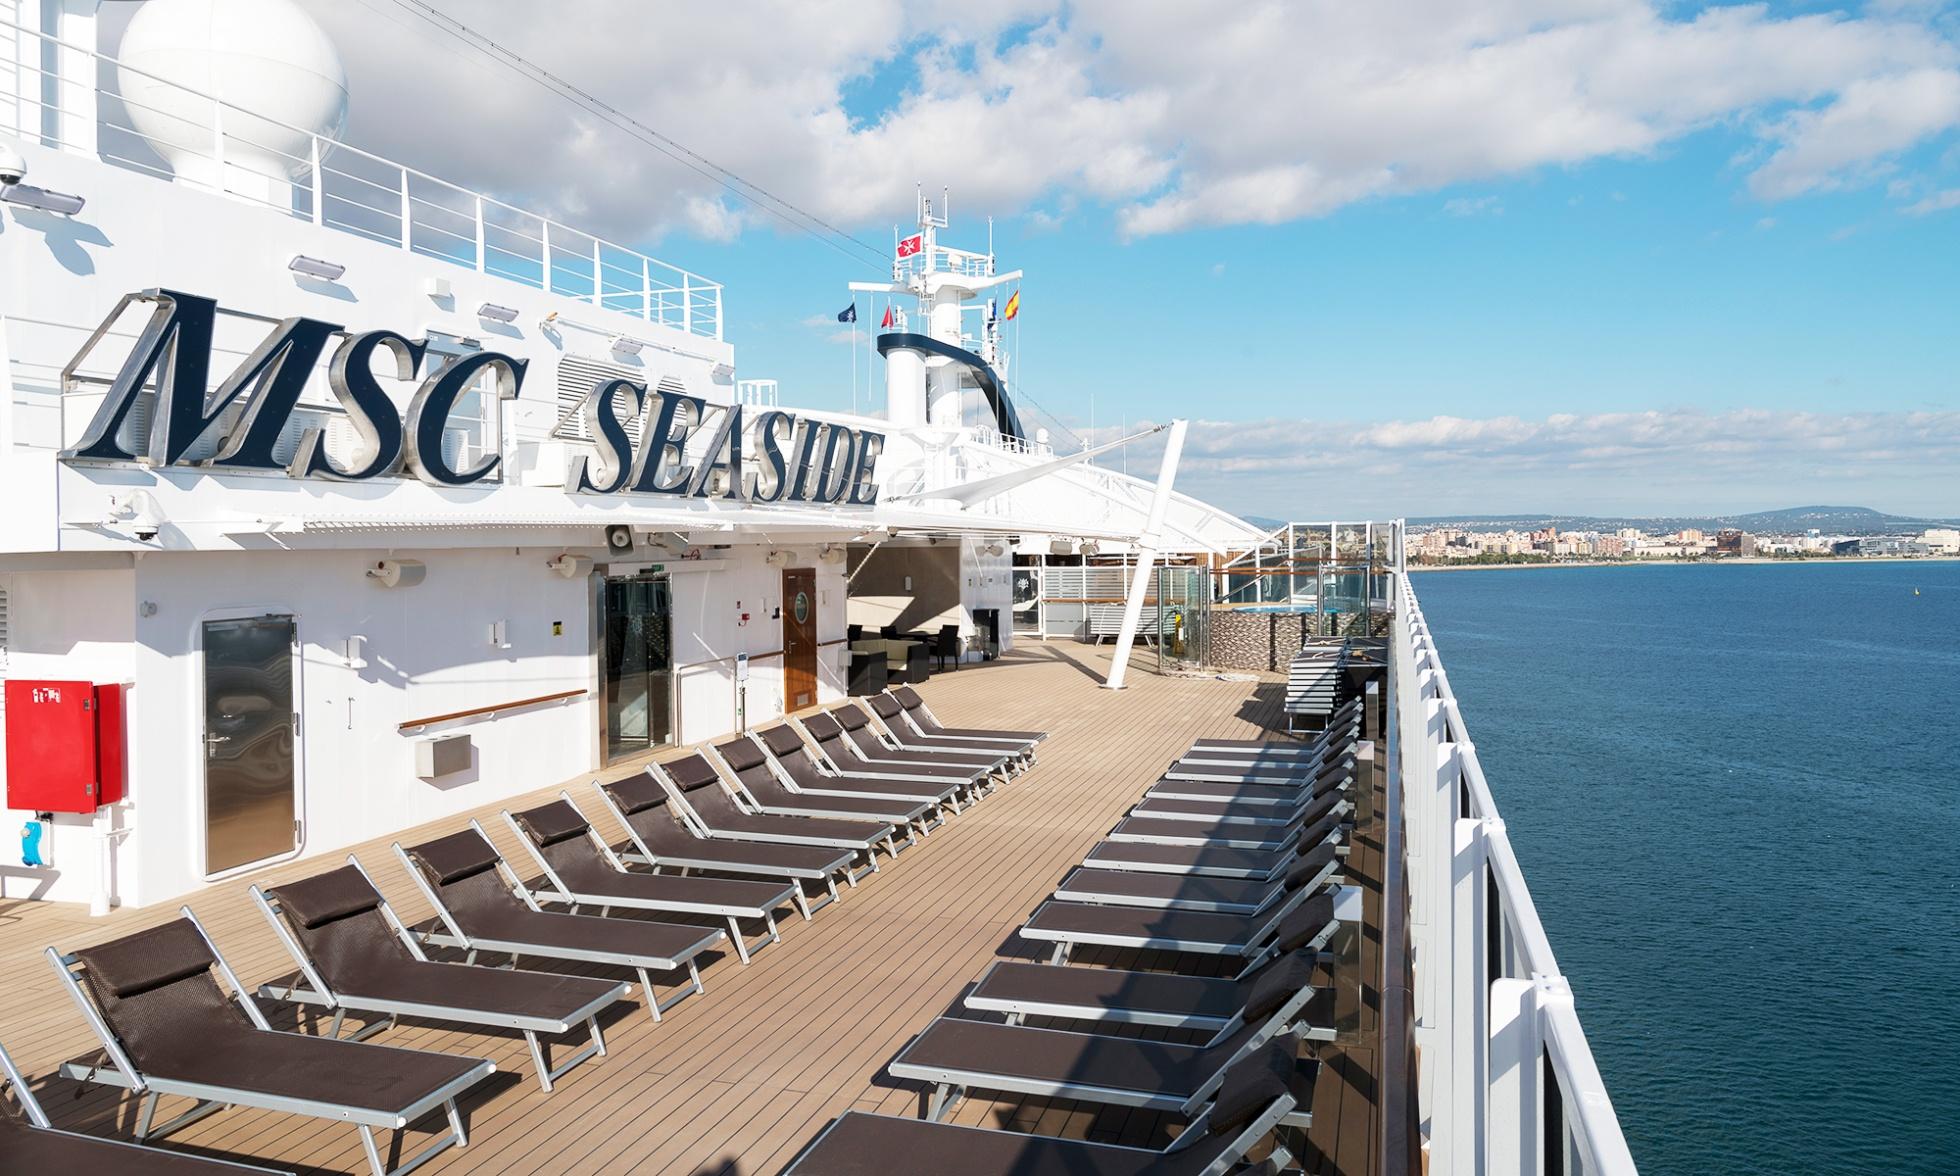 Crociera MSC Seaside Partenza 14 Agosto 7 Notti Cabina Interna cat. Fantastica